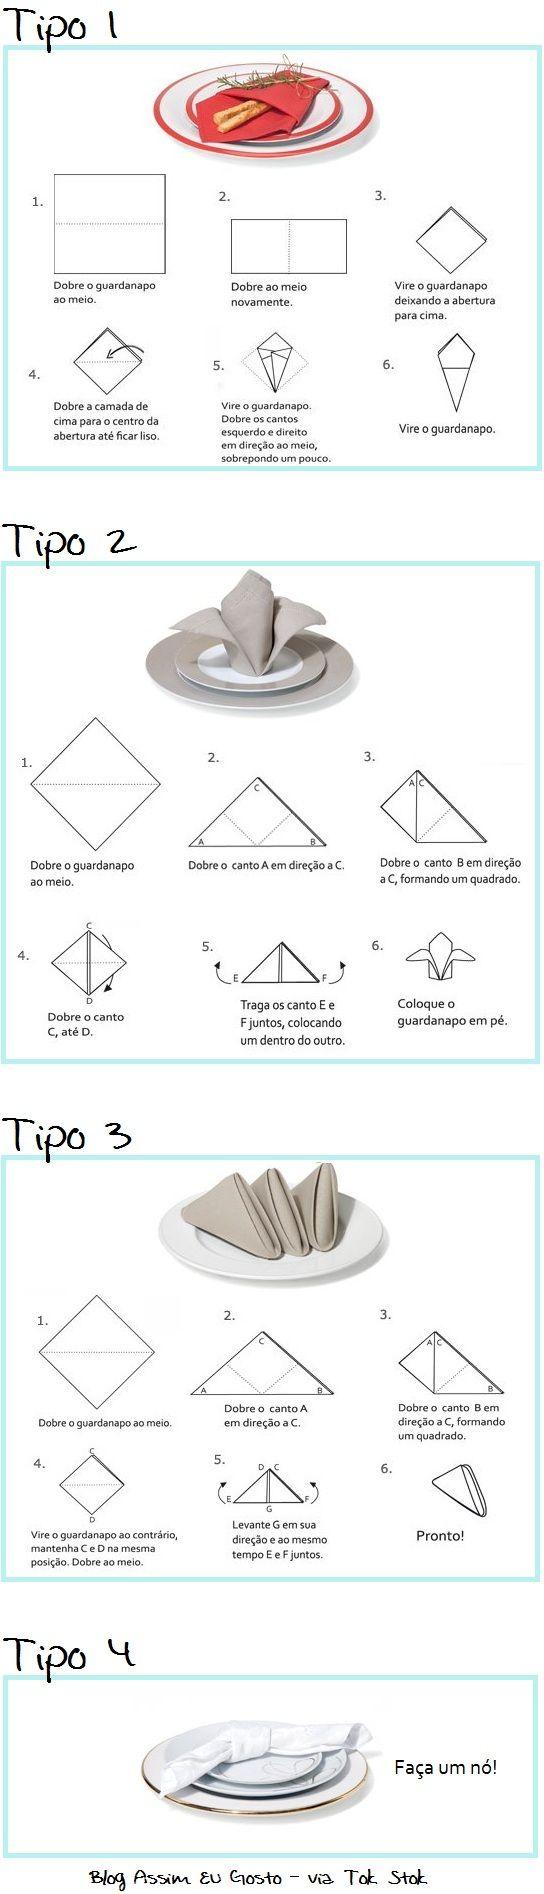 Como arrumar a mesa III | assim eu gosto - via http://bit.ly/epinner